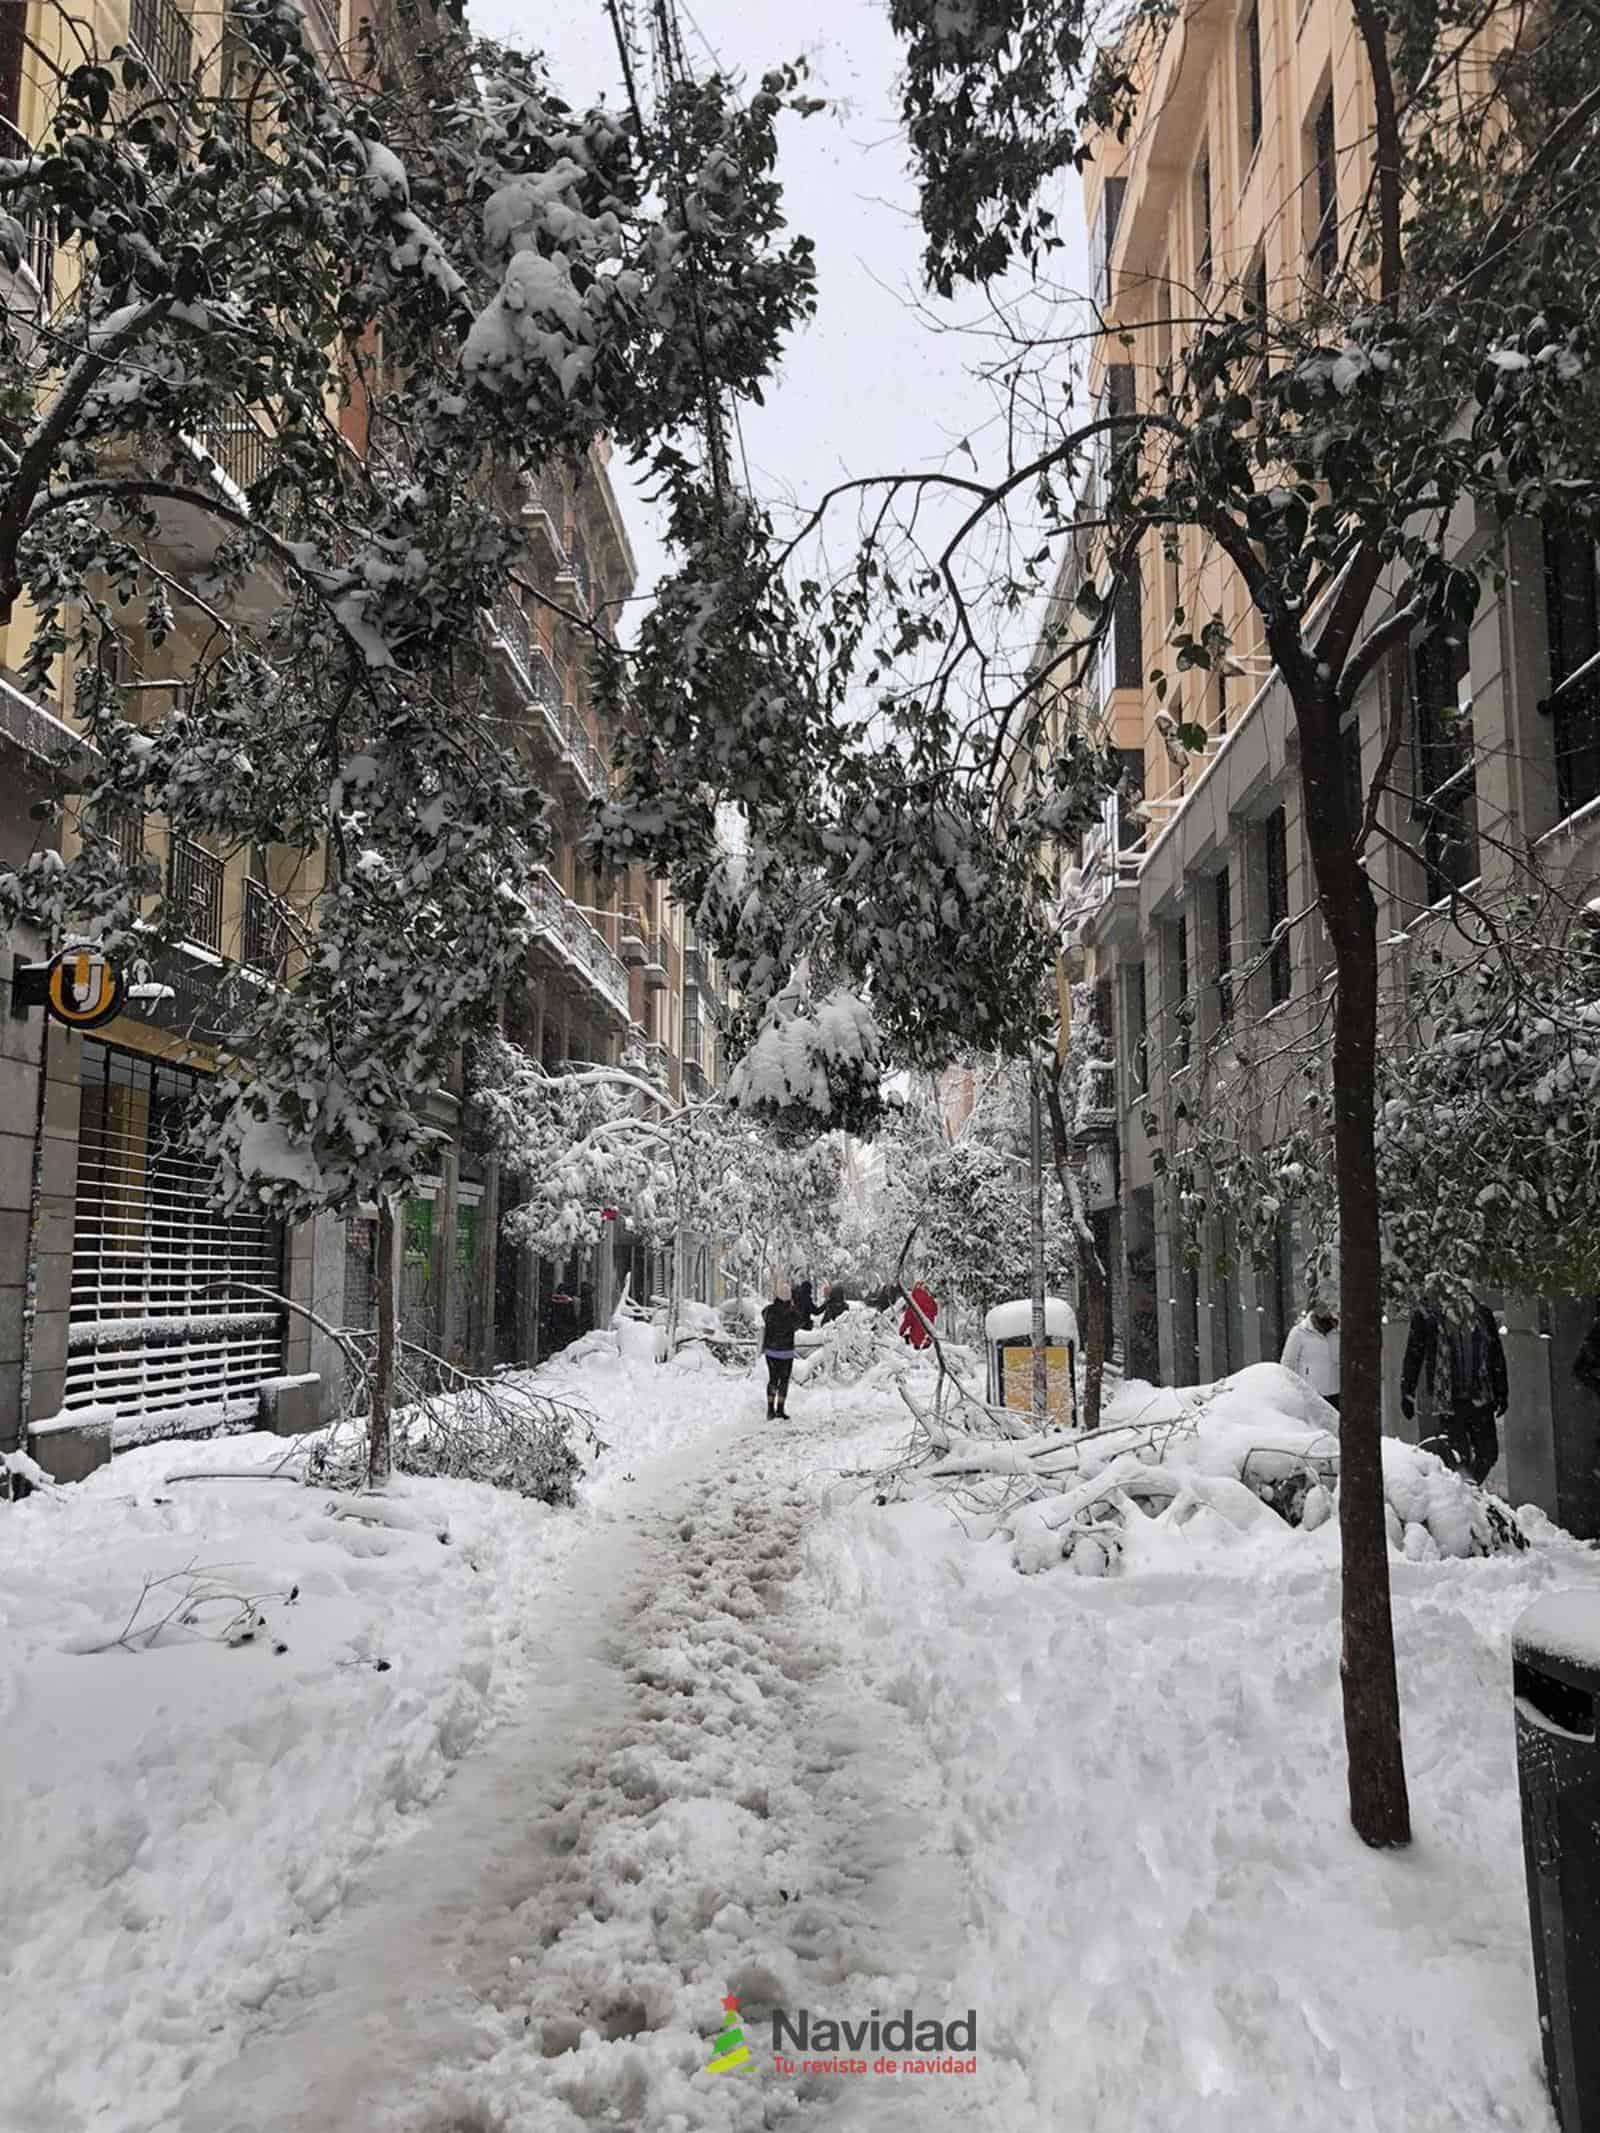 Fotografías de la nevada de enero en Madrid (España) 194